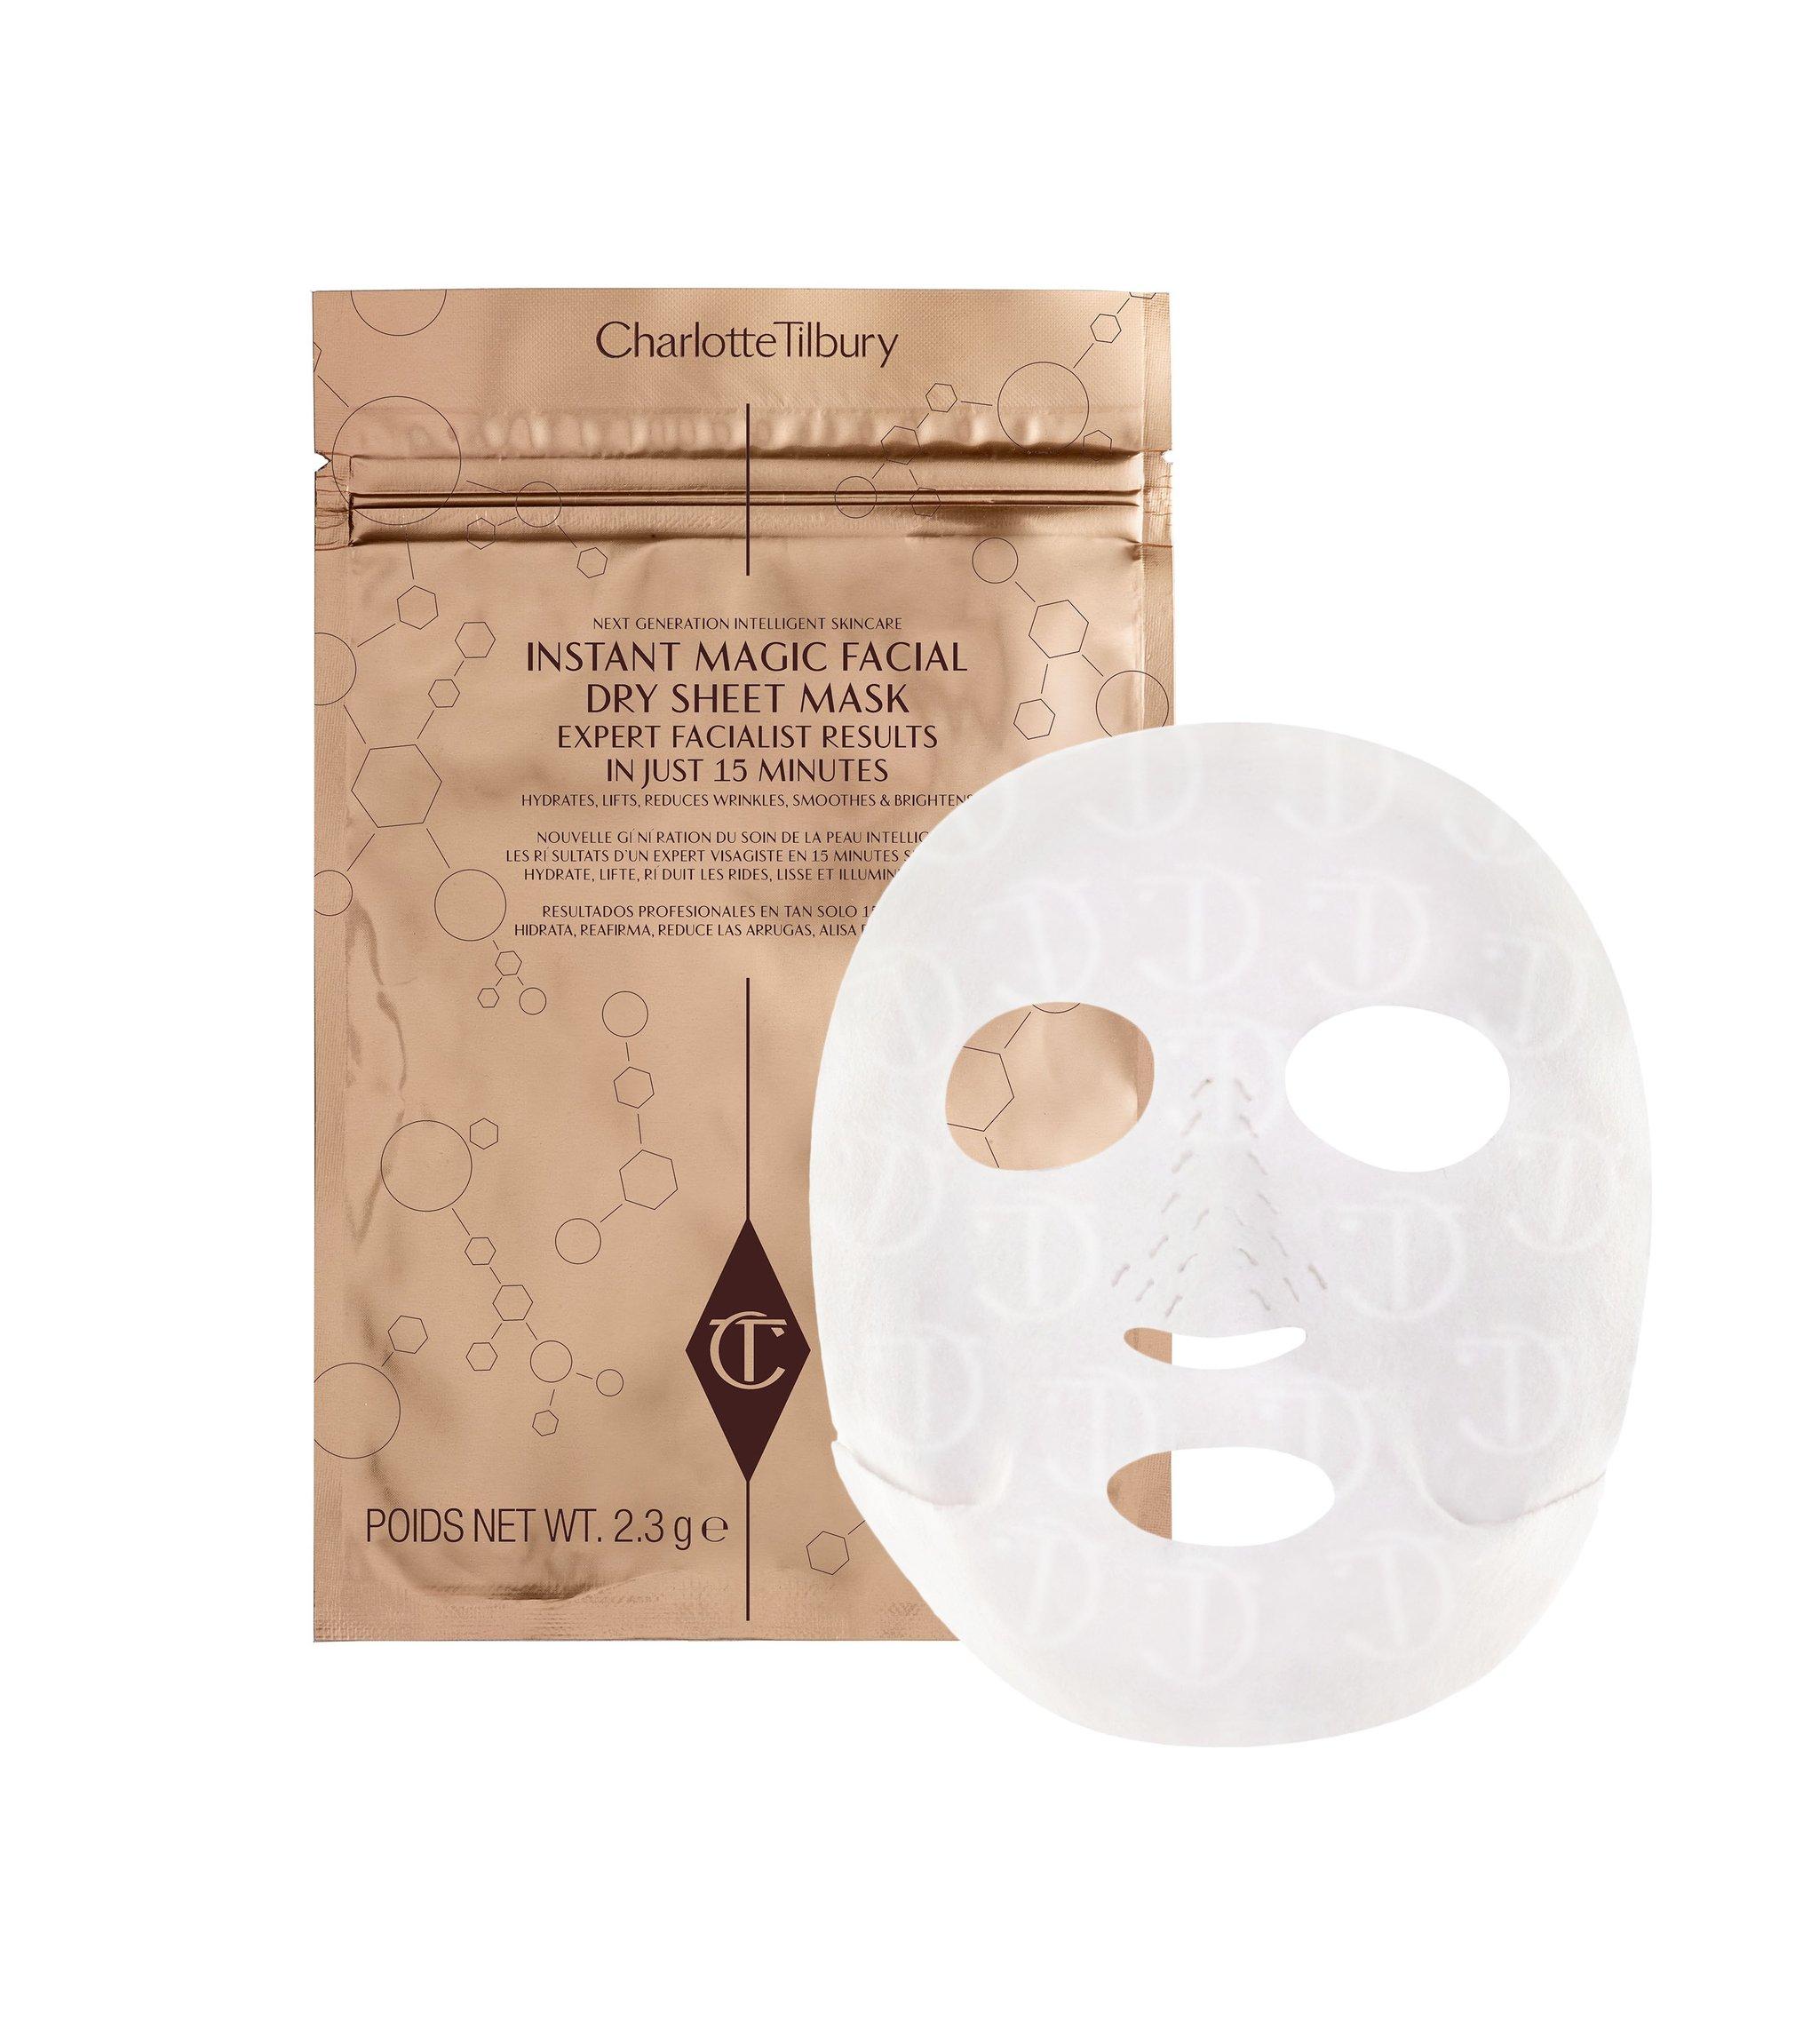 Charlotte Tilbury Dry Mask